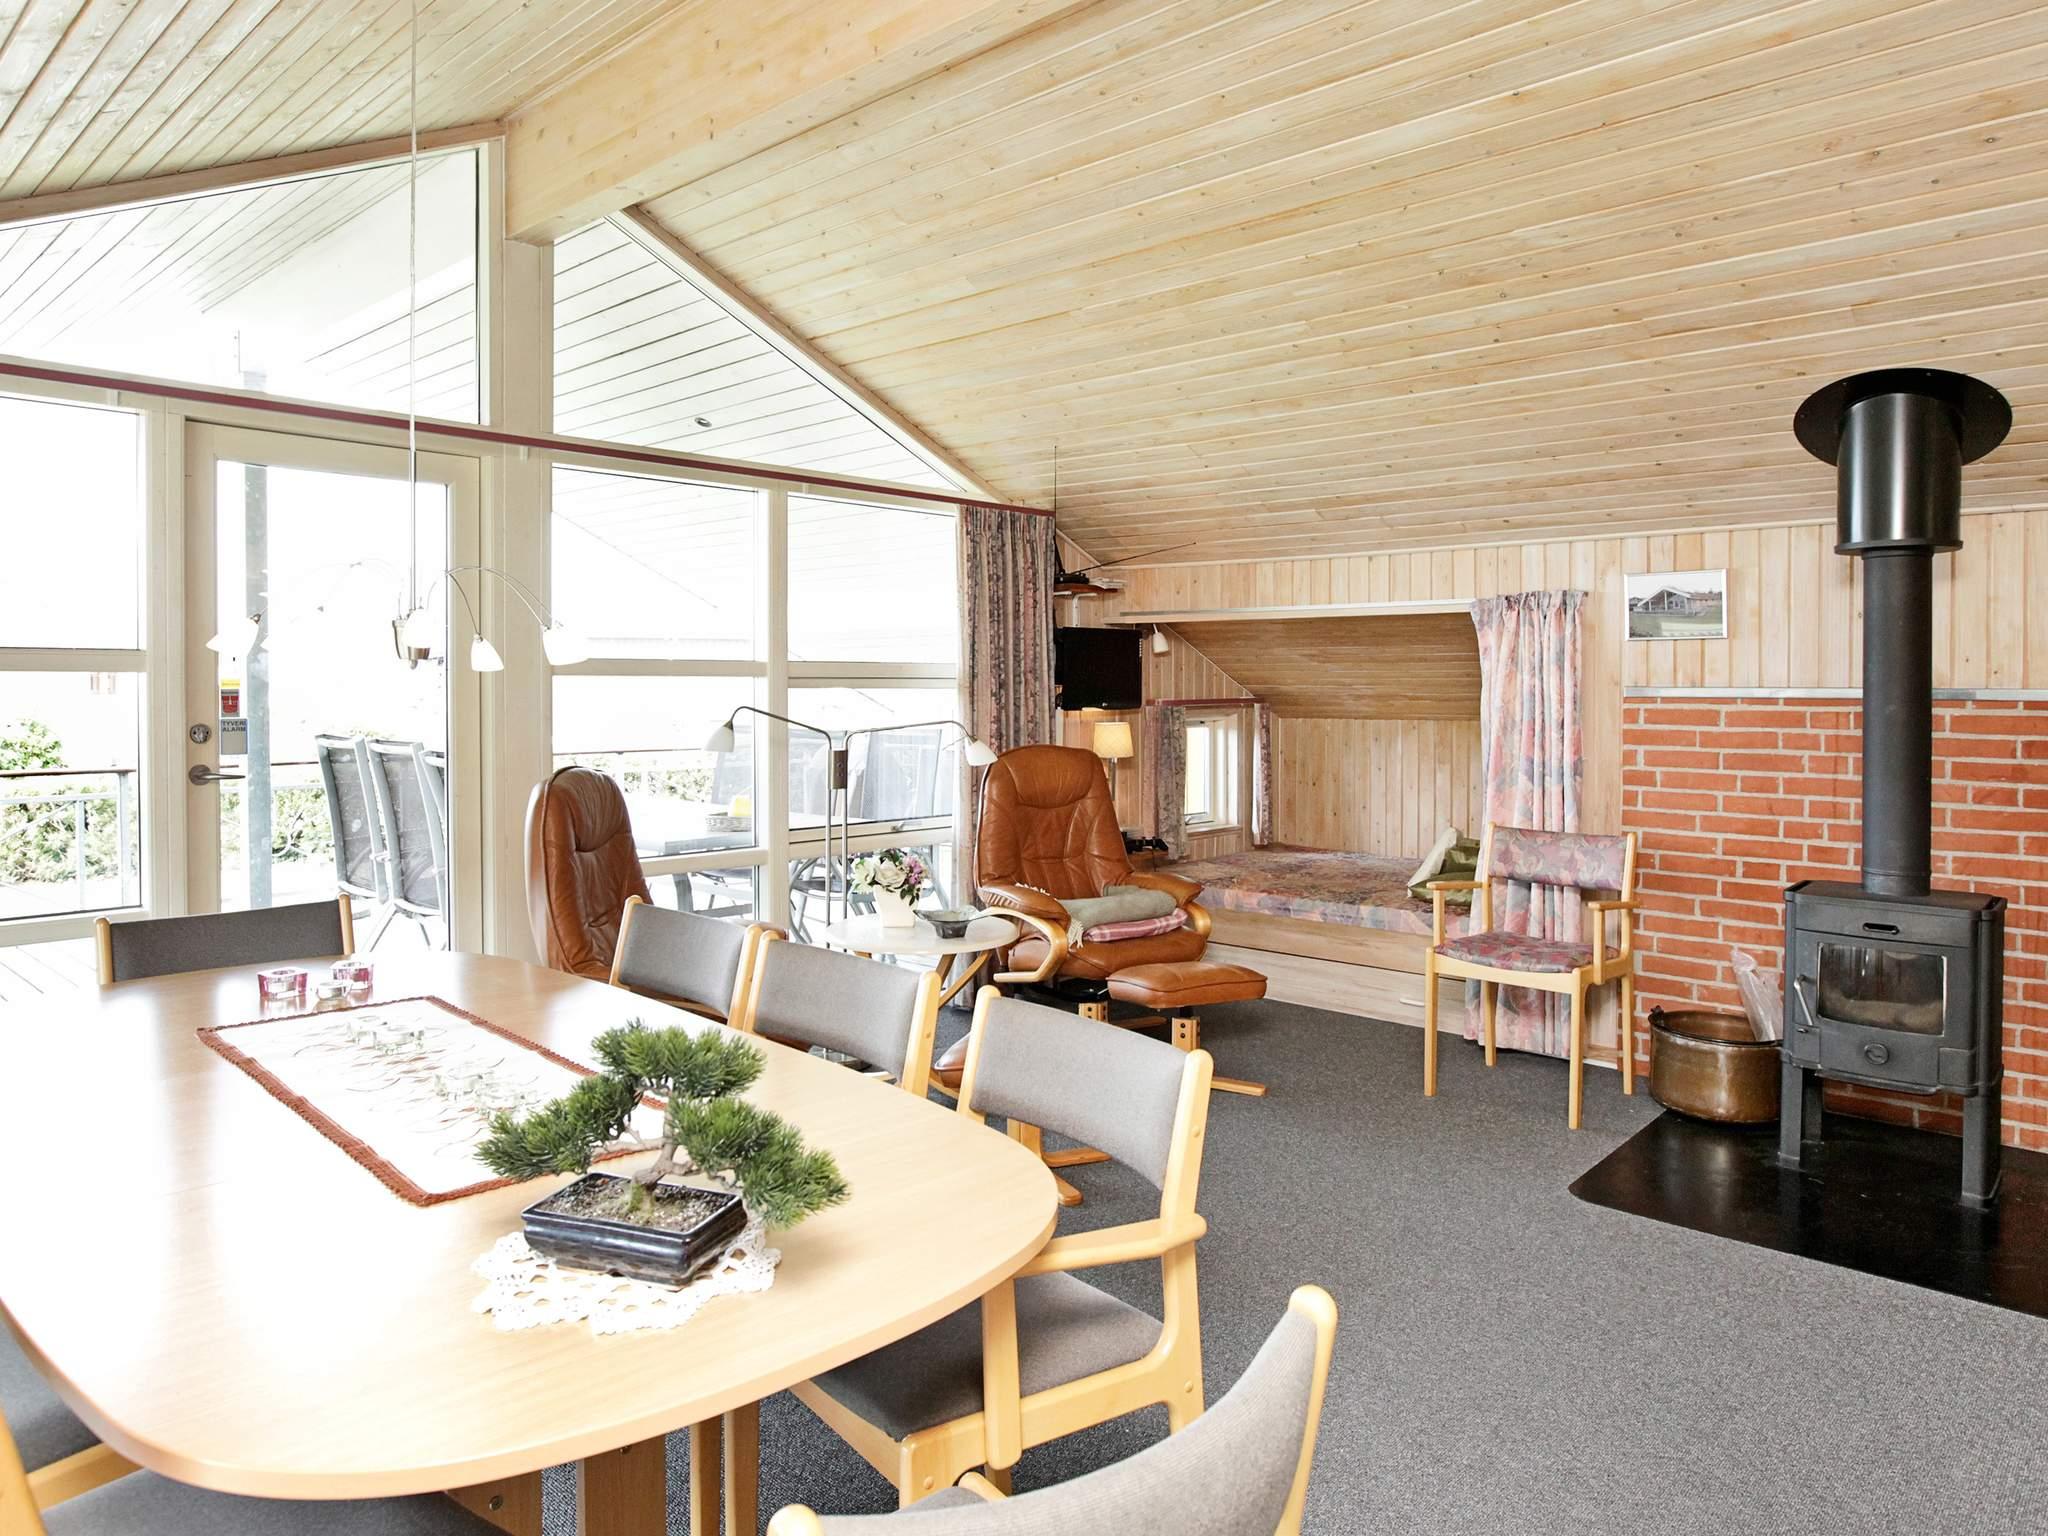 Ferienhaus Falsled (87545), Faldsled, , Fünen, Dänemark, Bild 14